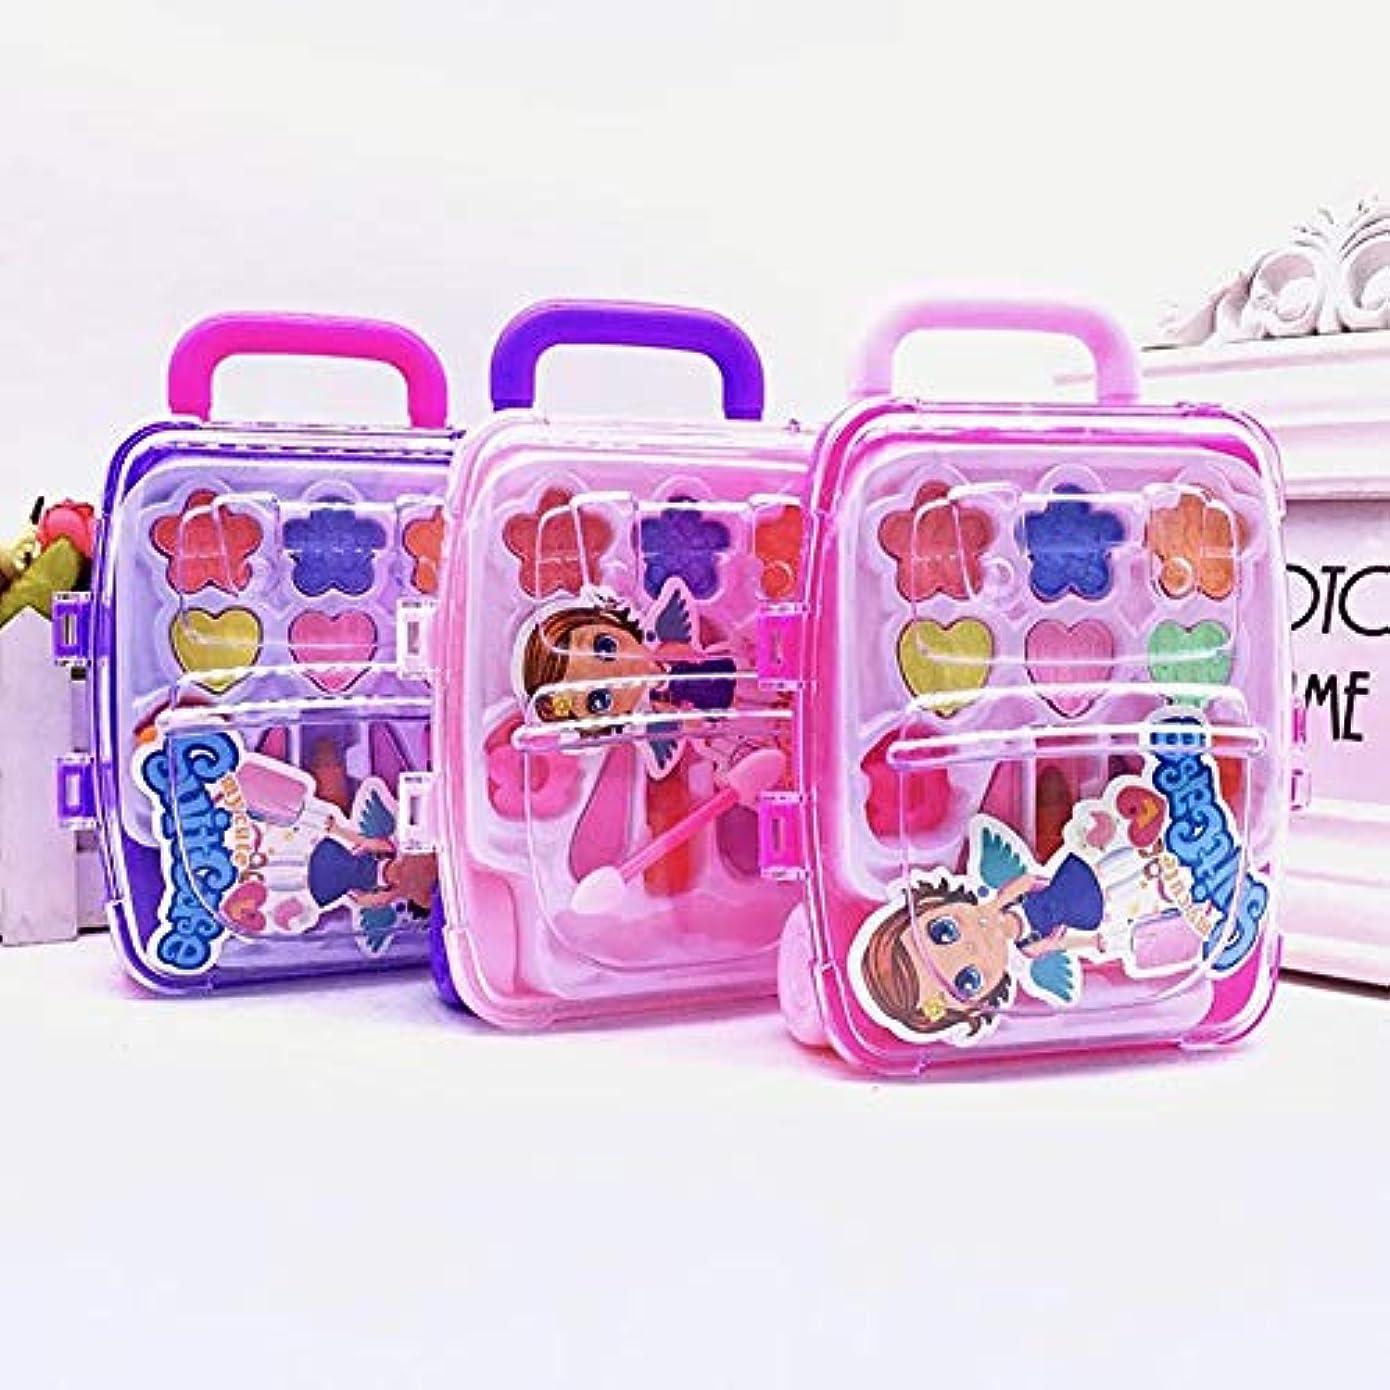 一口ランプトランクライブラリかわいい王女ふりメイクセット化粧品シミュレーション子供女の子子供のおもちゃ - ランダムな色